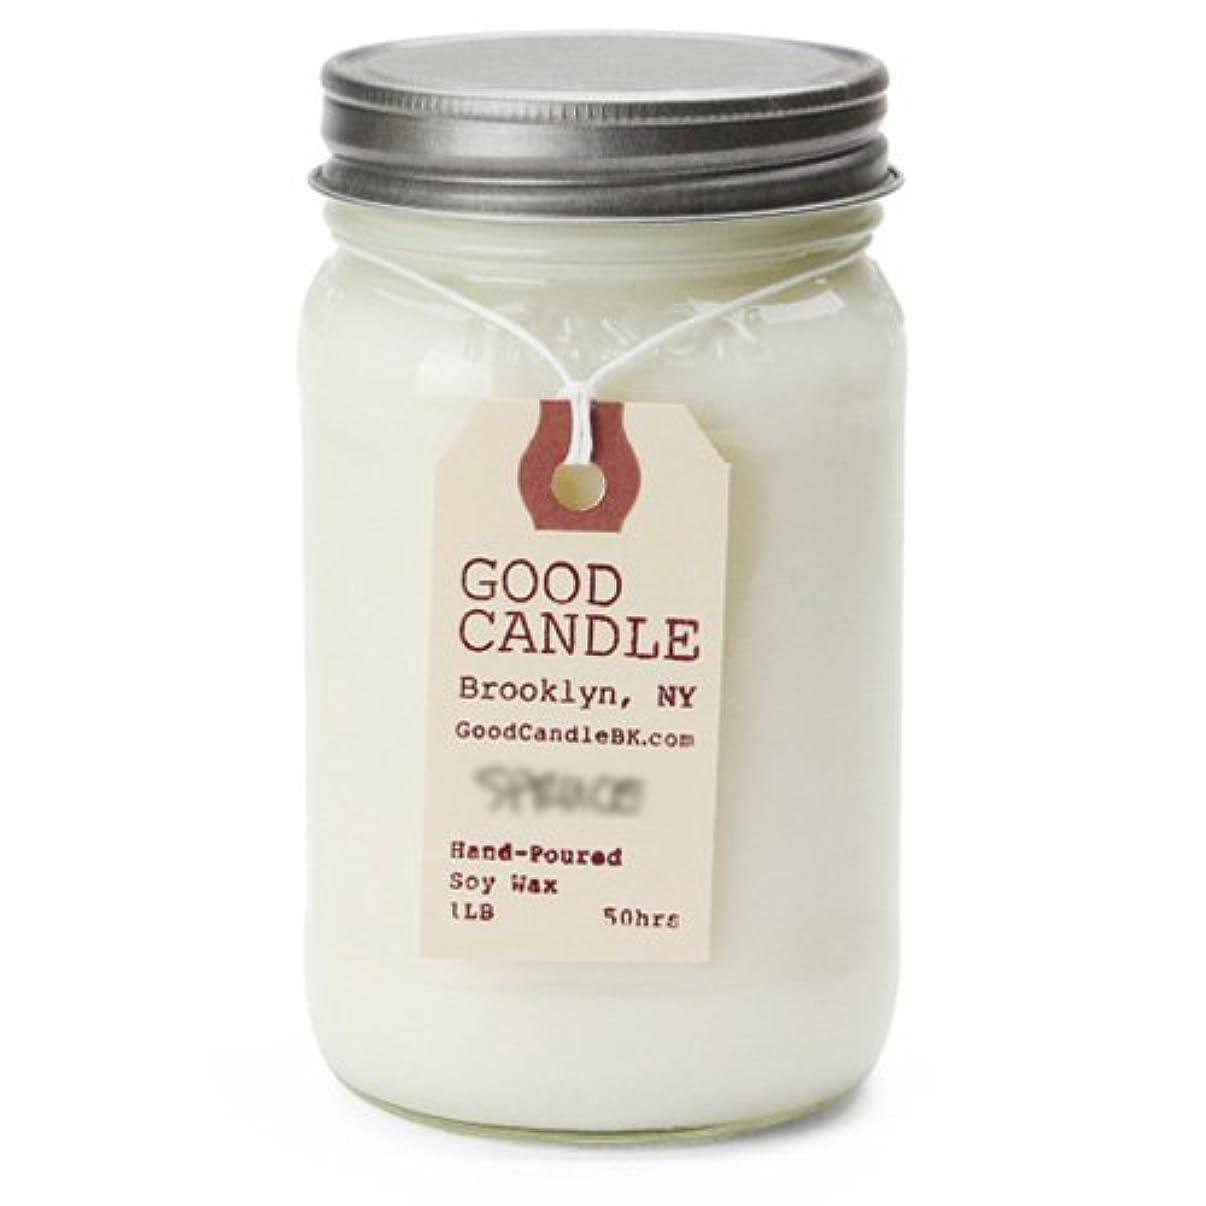 踏み台再現する耐えられるグッドキャンドル 1ポンド メイソンジャー キャンドル Good Candle 1LB Mason jar candle [ Spruce ] 正規品